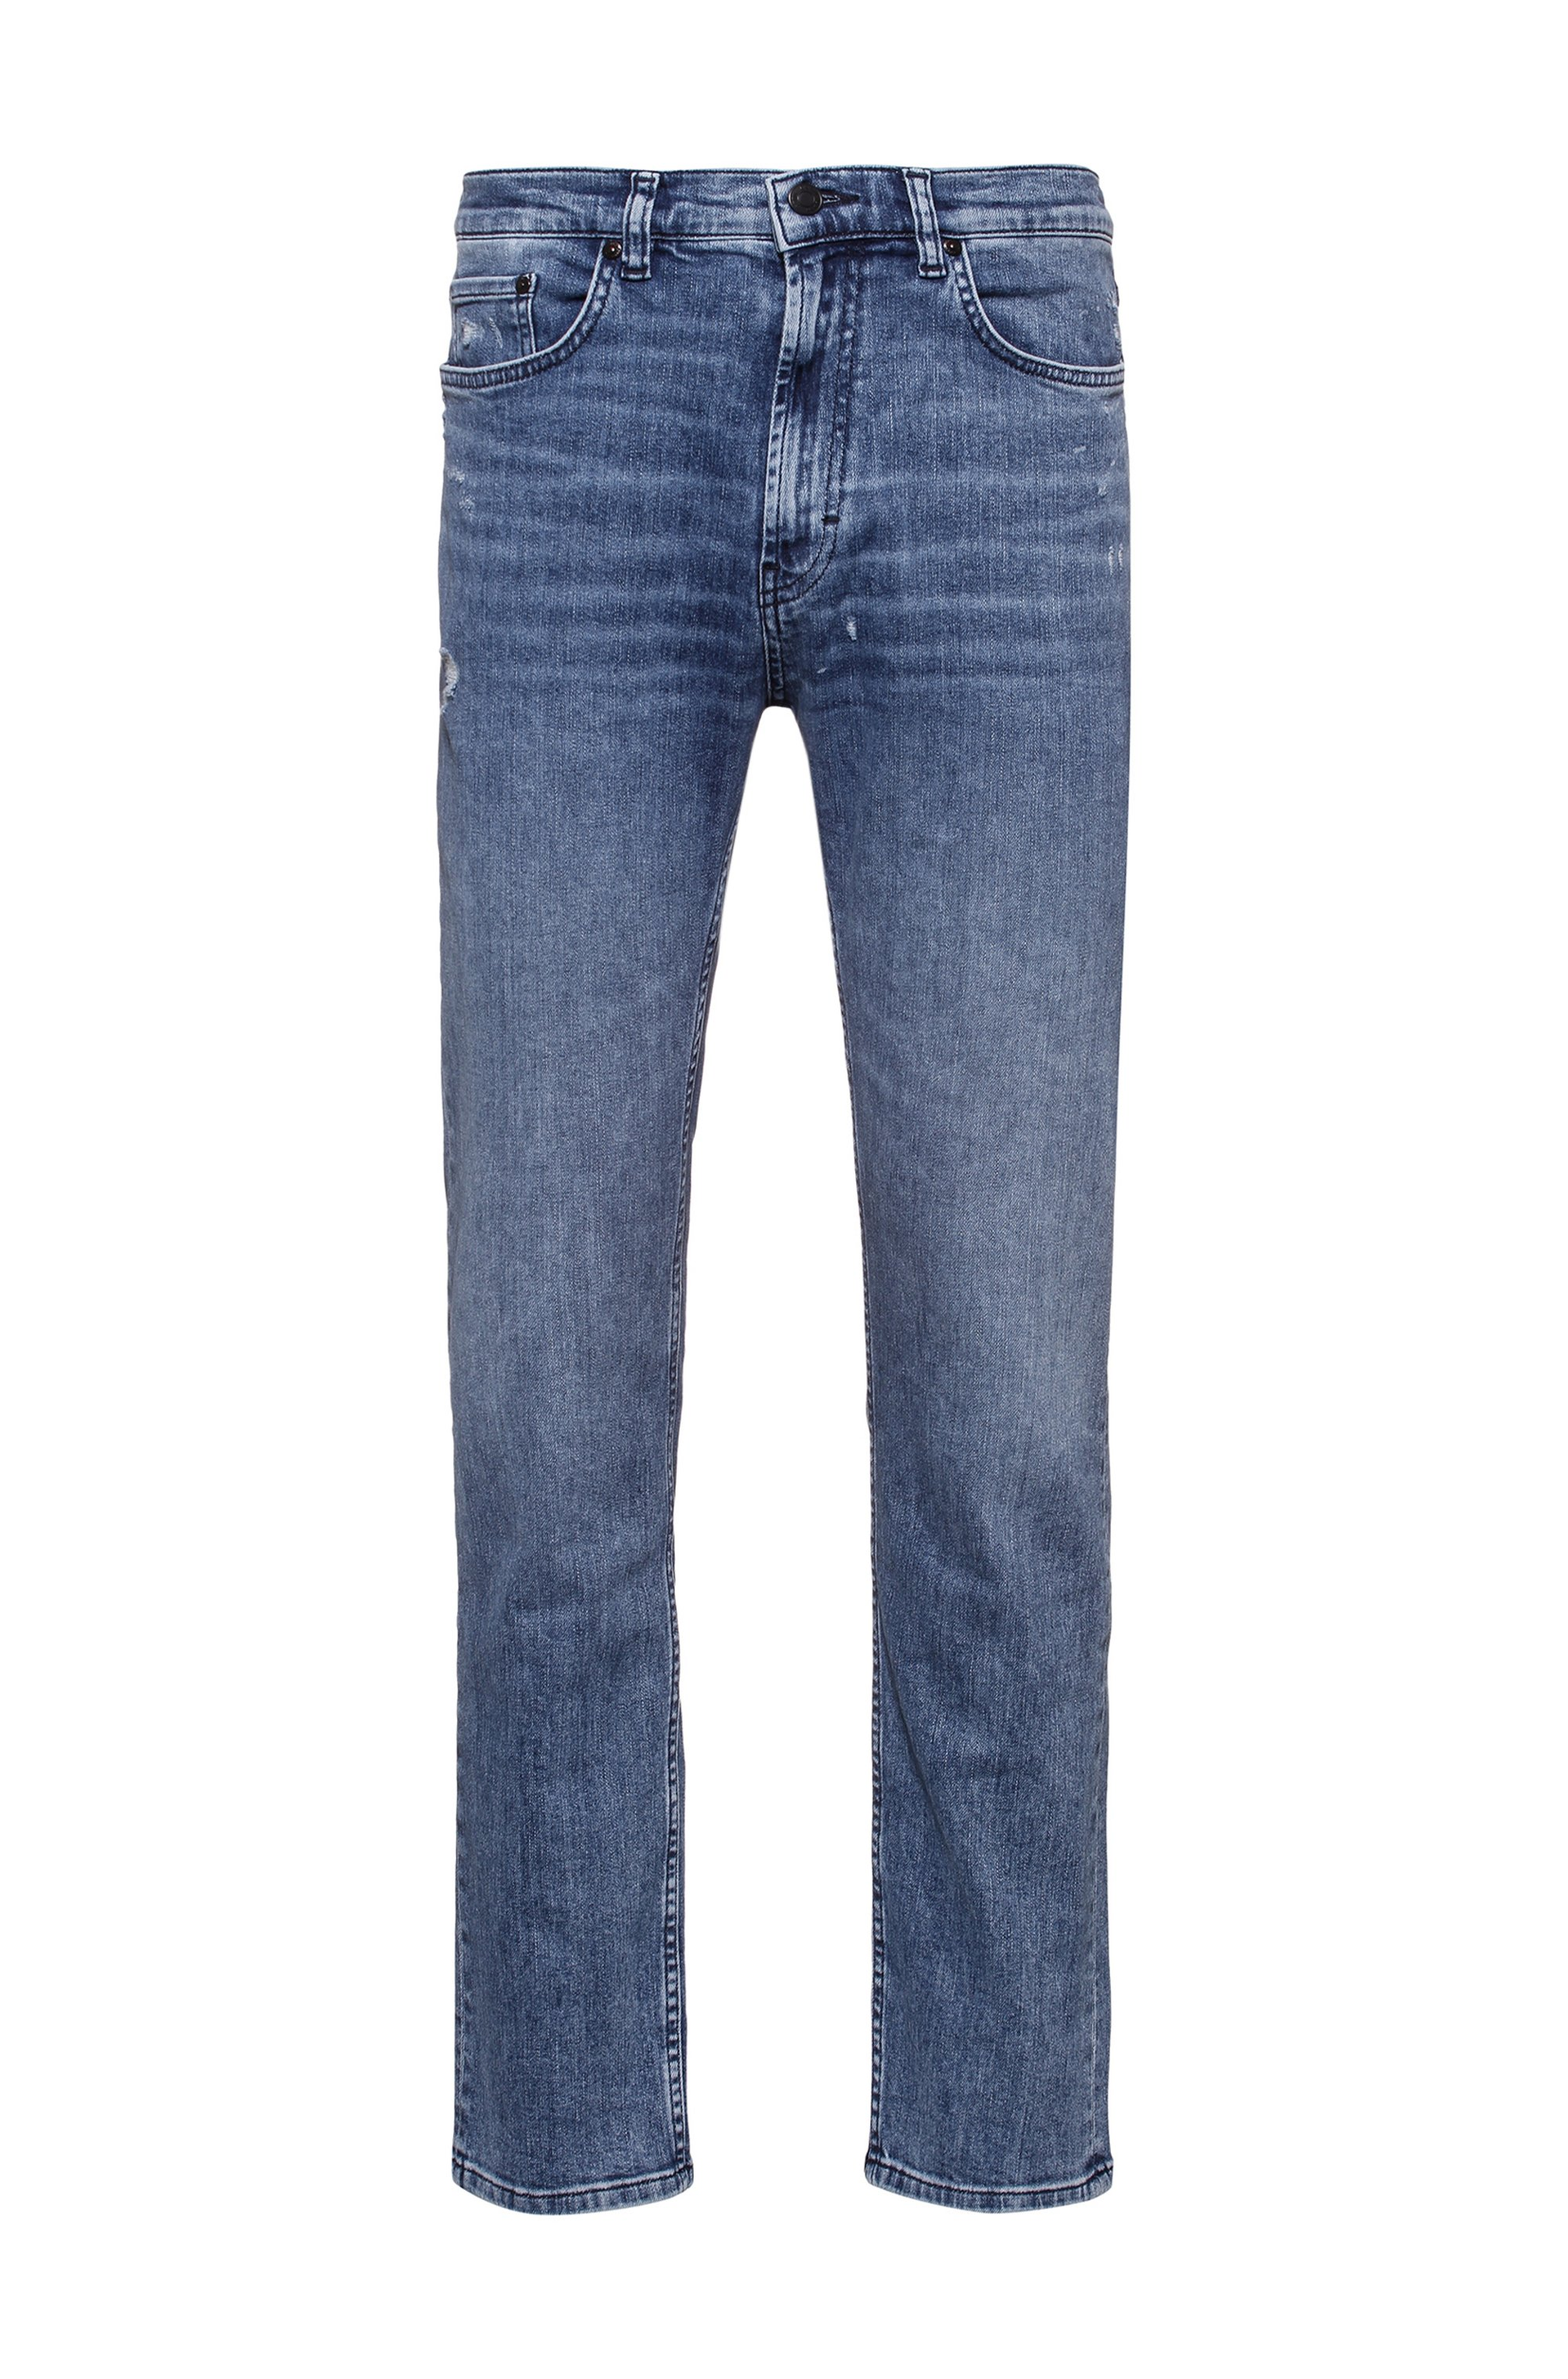 Jean Relaxed Fit en confortable denim stretch biologique bleu, bleu clair